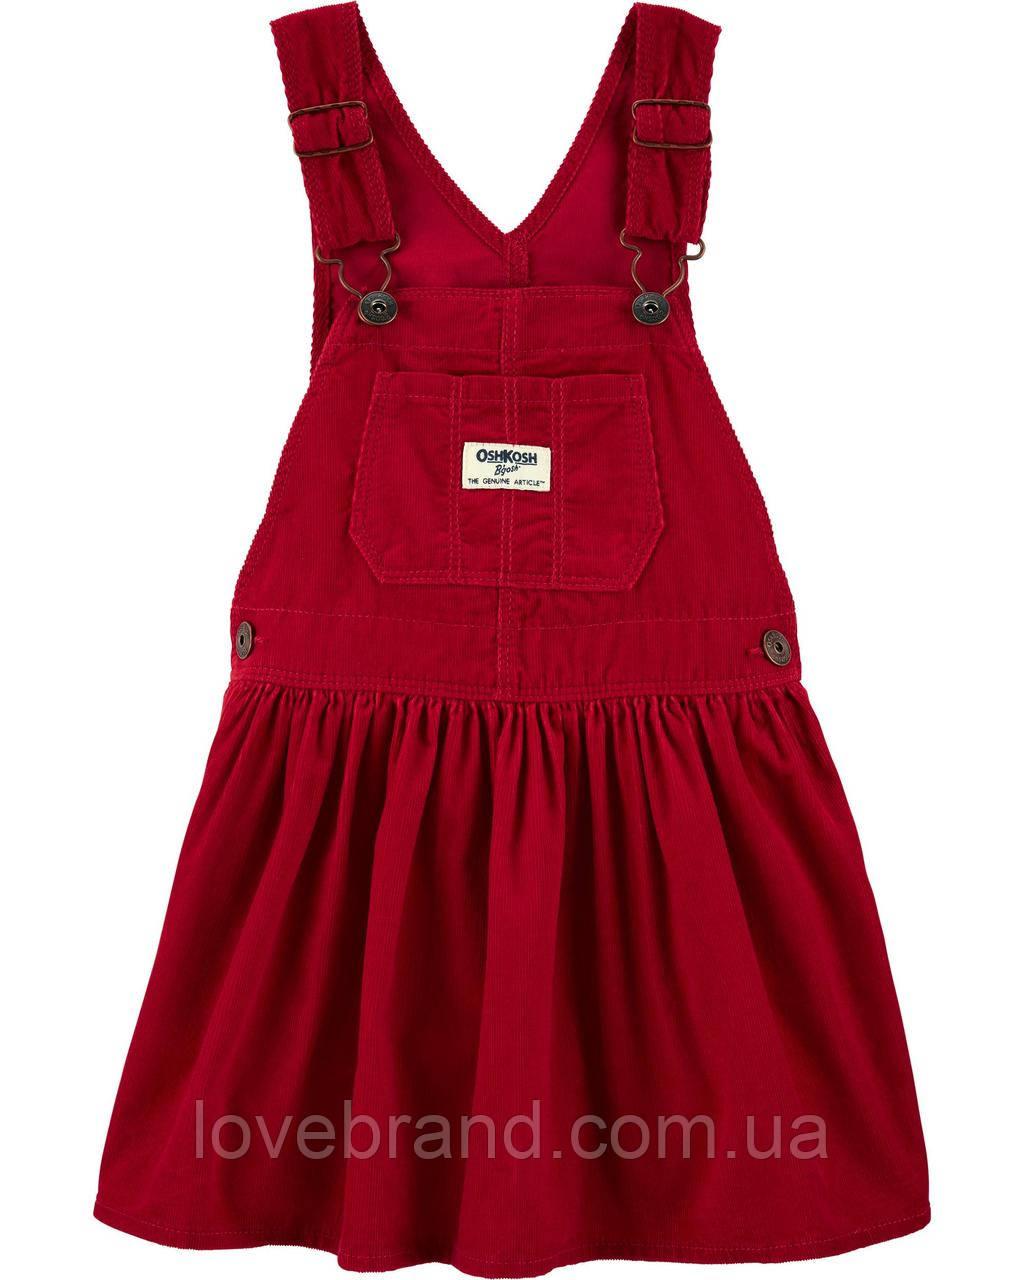 Вельветовый сарафанчик для девочки OshKosh красный (ошкош)